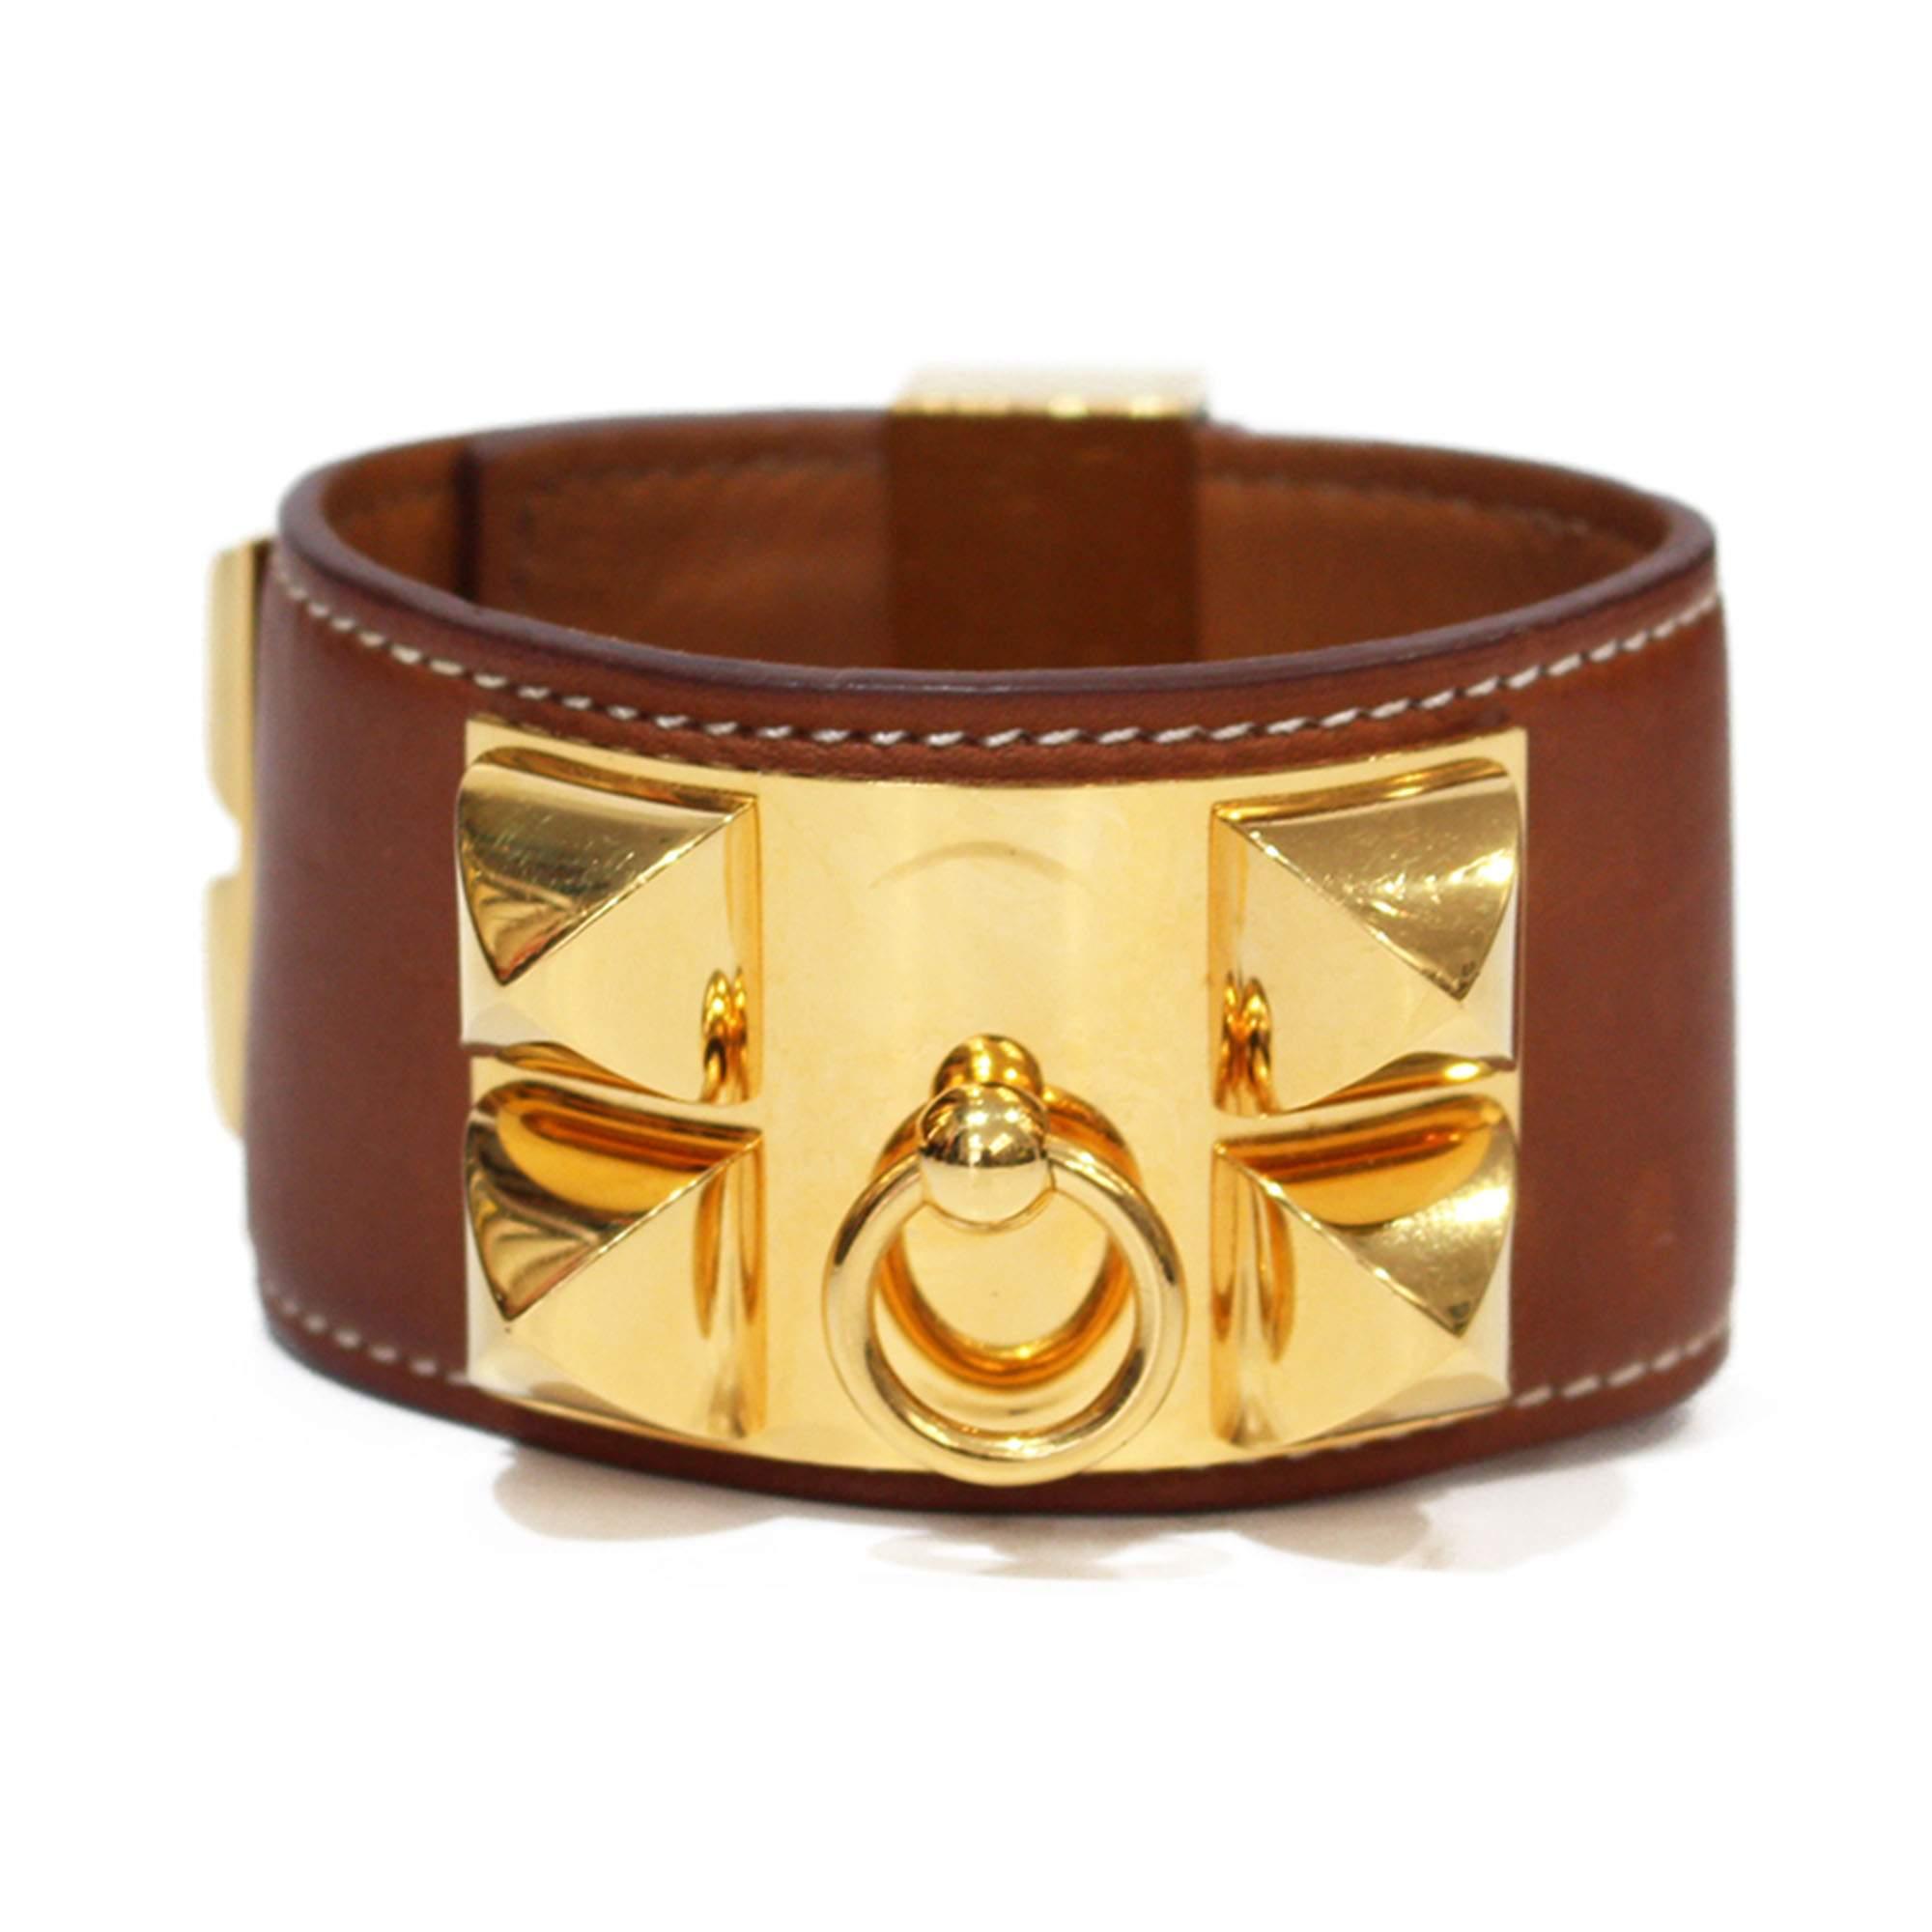 Collier De Chien Bracelet 0